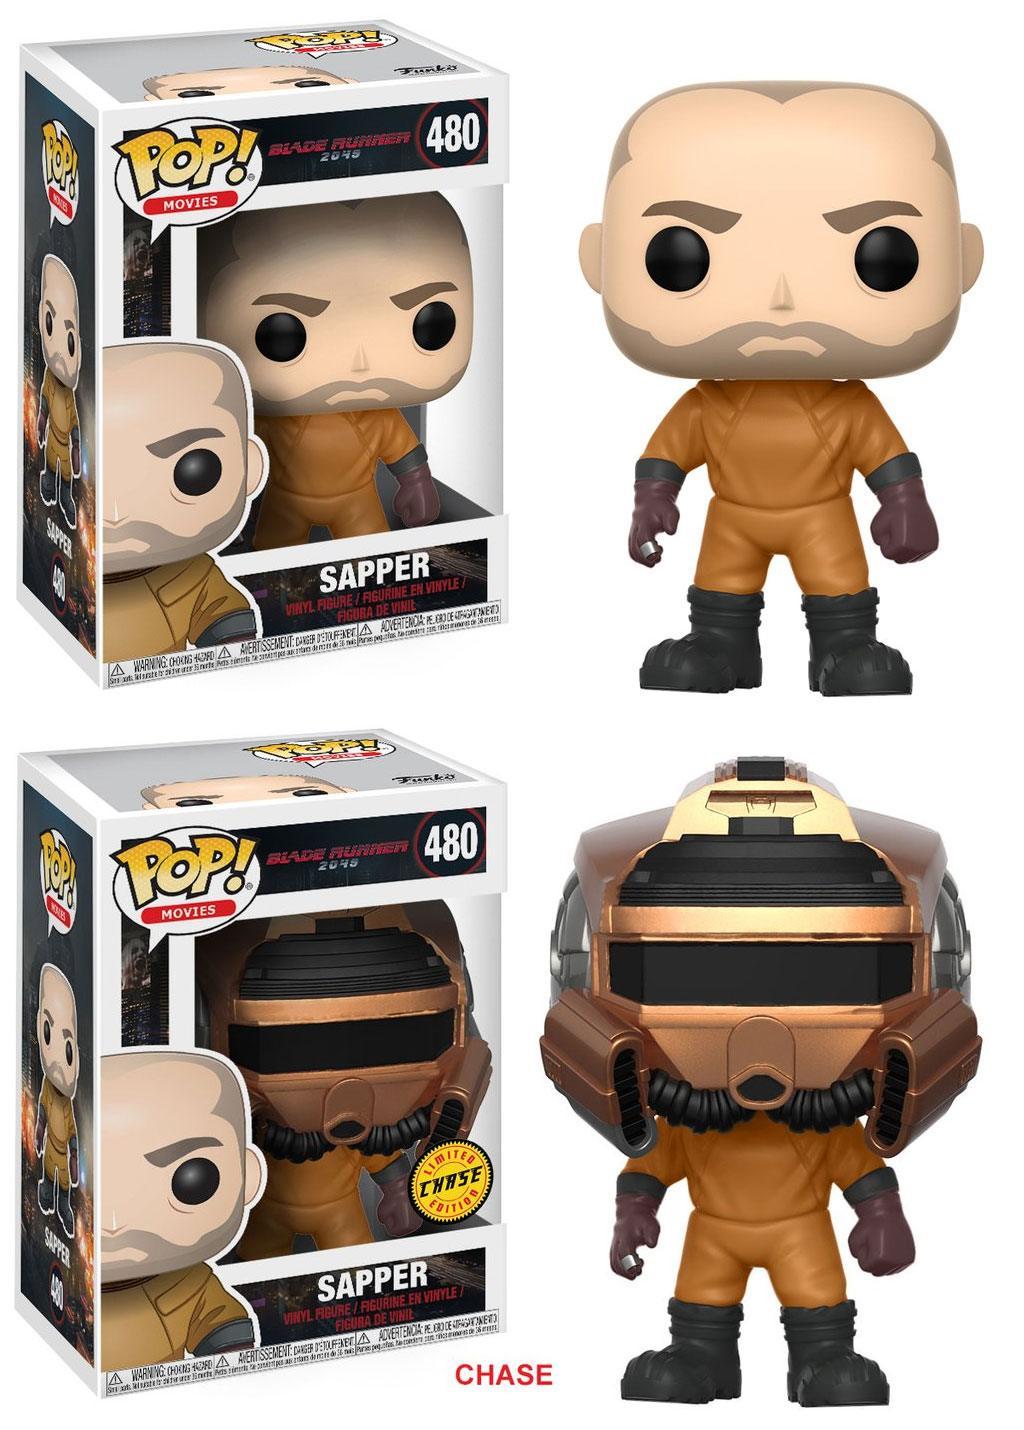 Blade Runner 2049 POP! Movies Figures Sapper 9 cm Assortment (6)